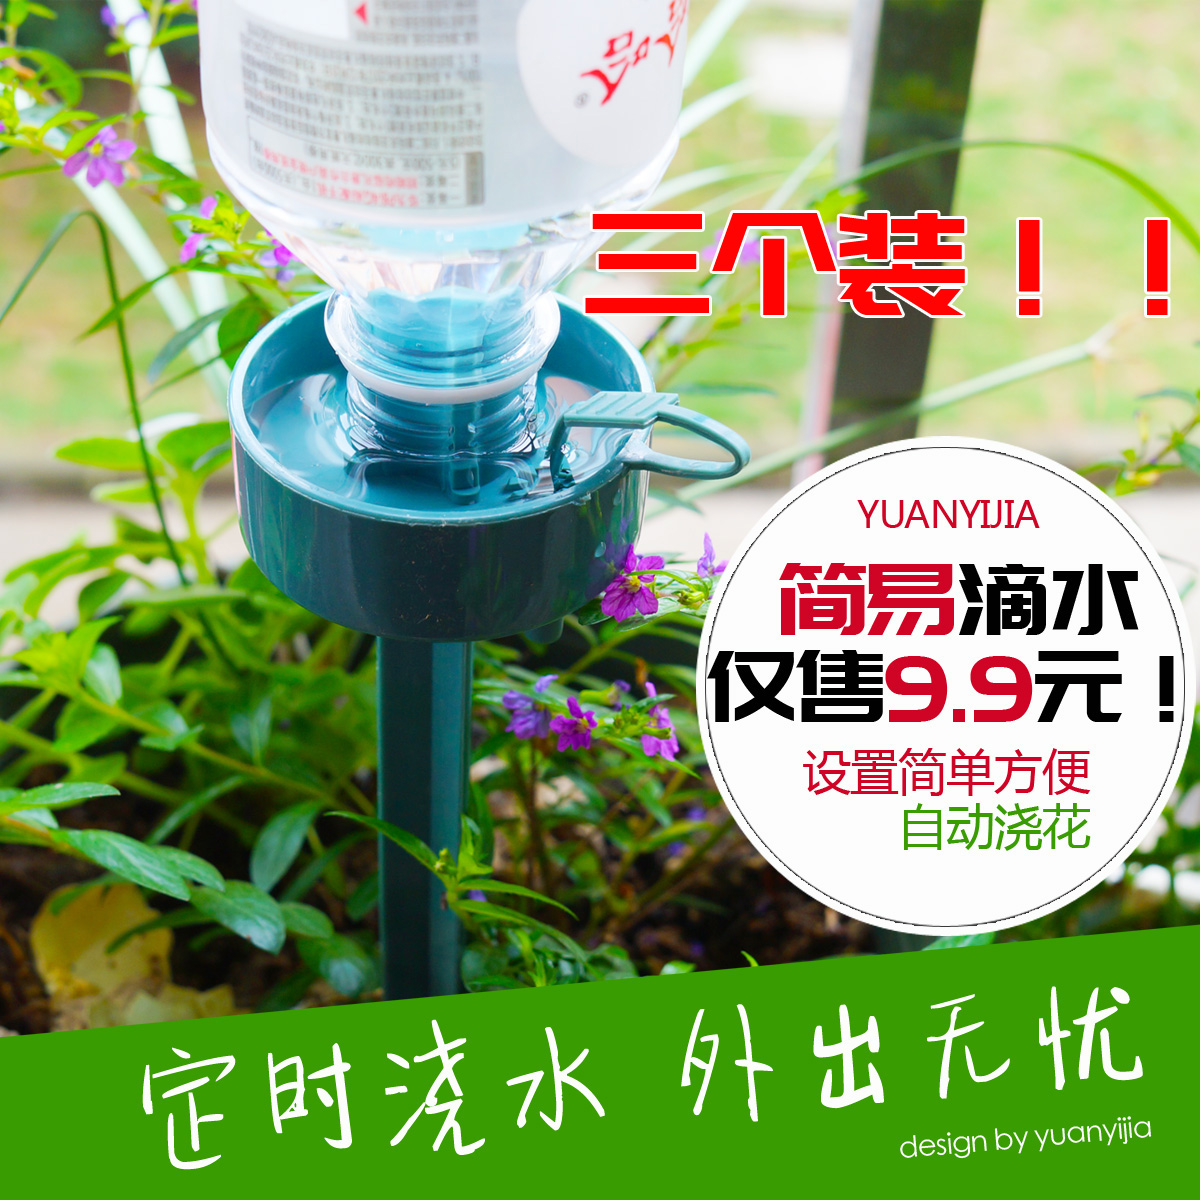 Домашнее хозяйство автоматическая Орошение капельного орошения система Полив, ленивый, непрерывный полив, экономия воды